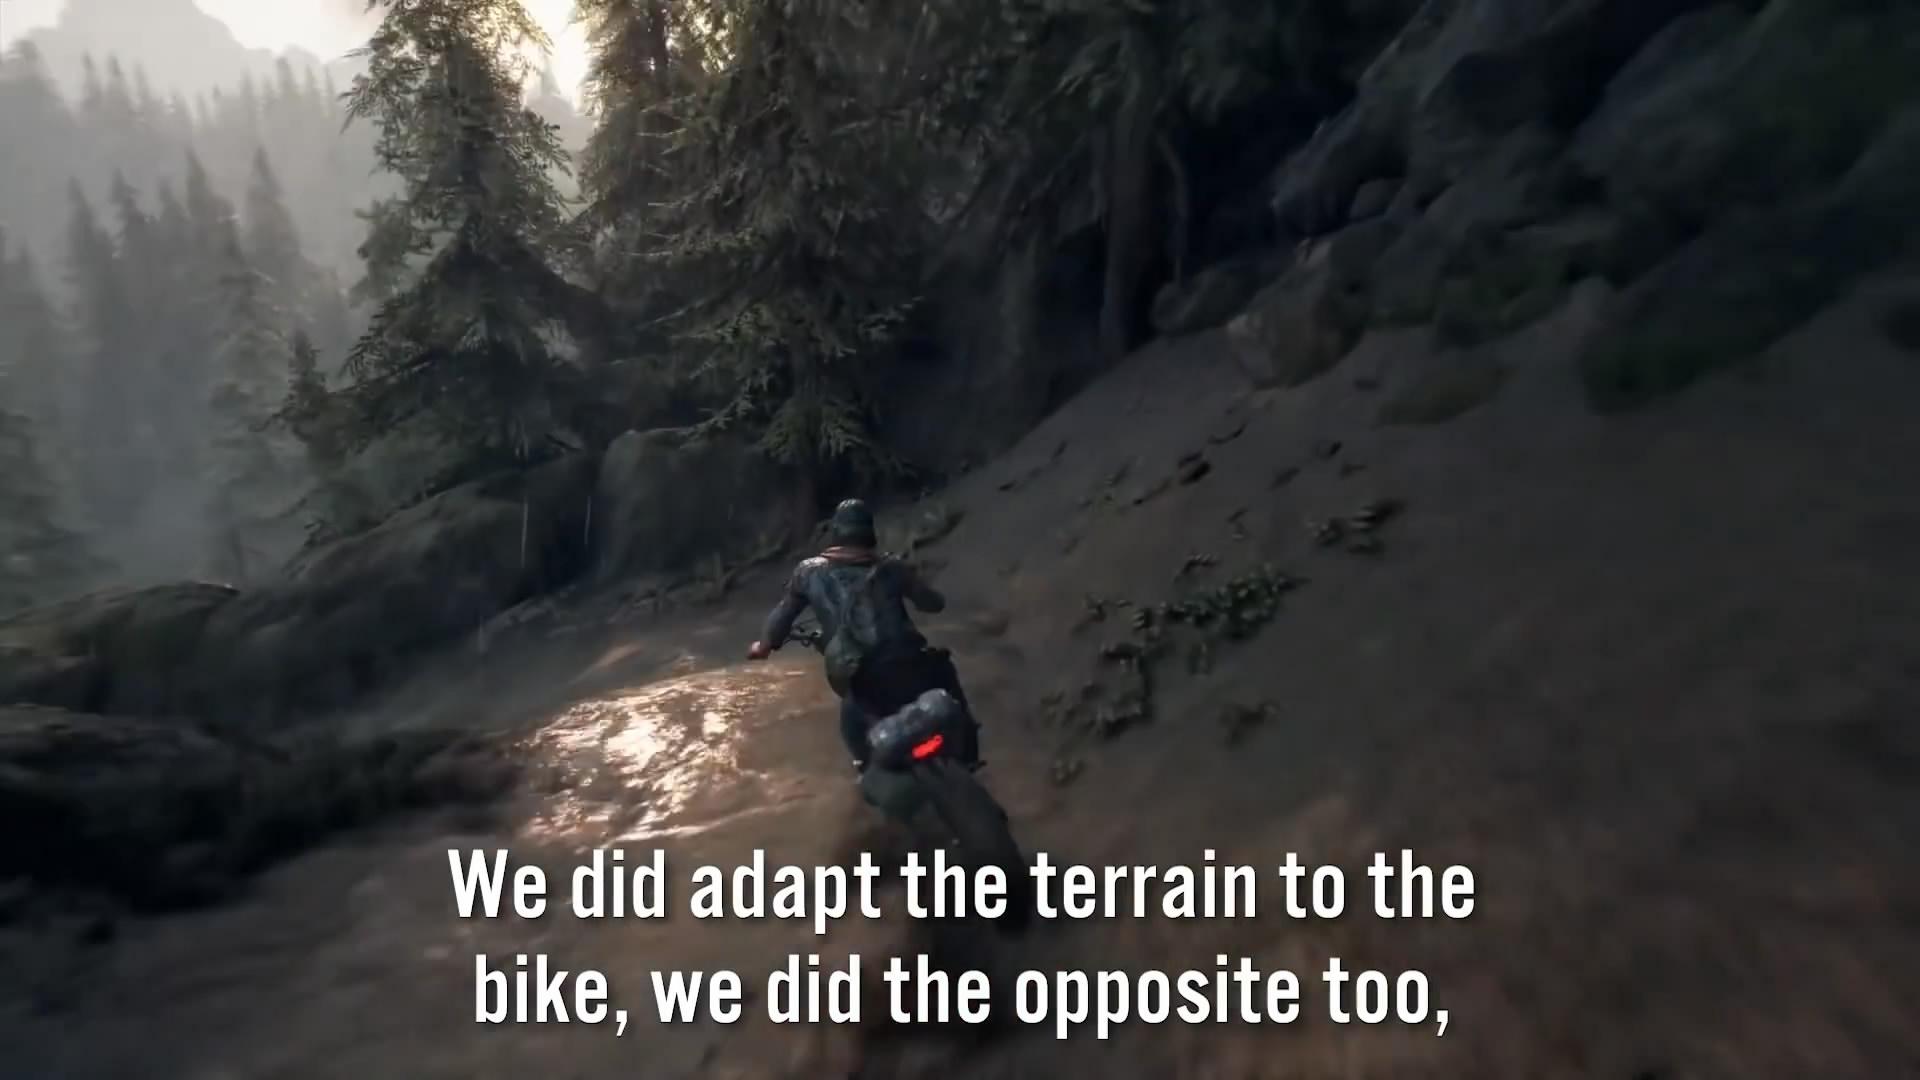 《往日不再》开放世界探索预告片 机车是玩家最好朋友